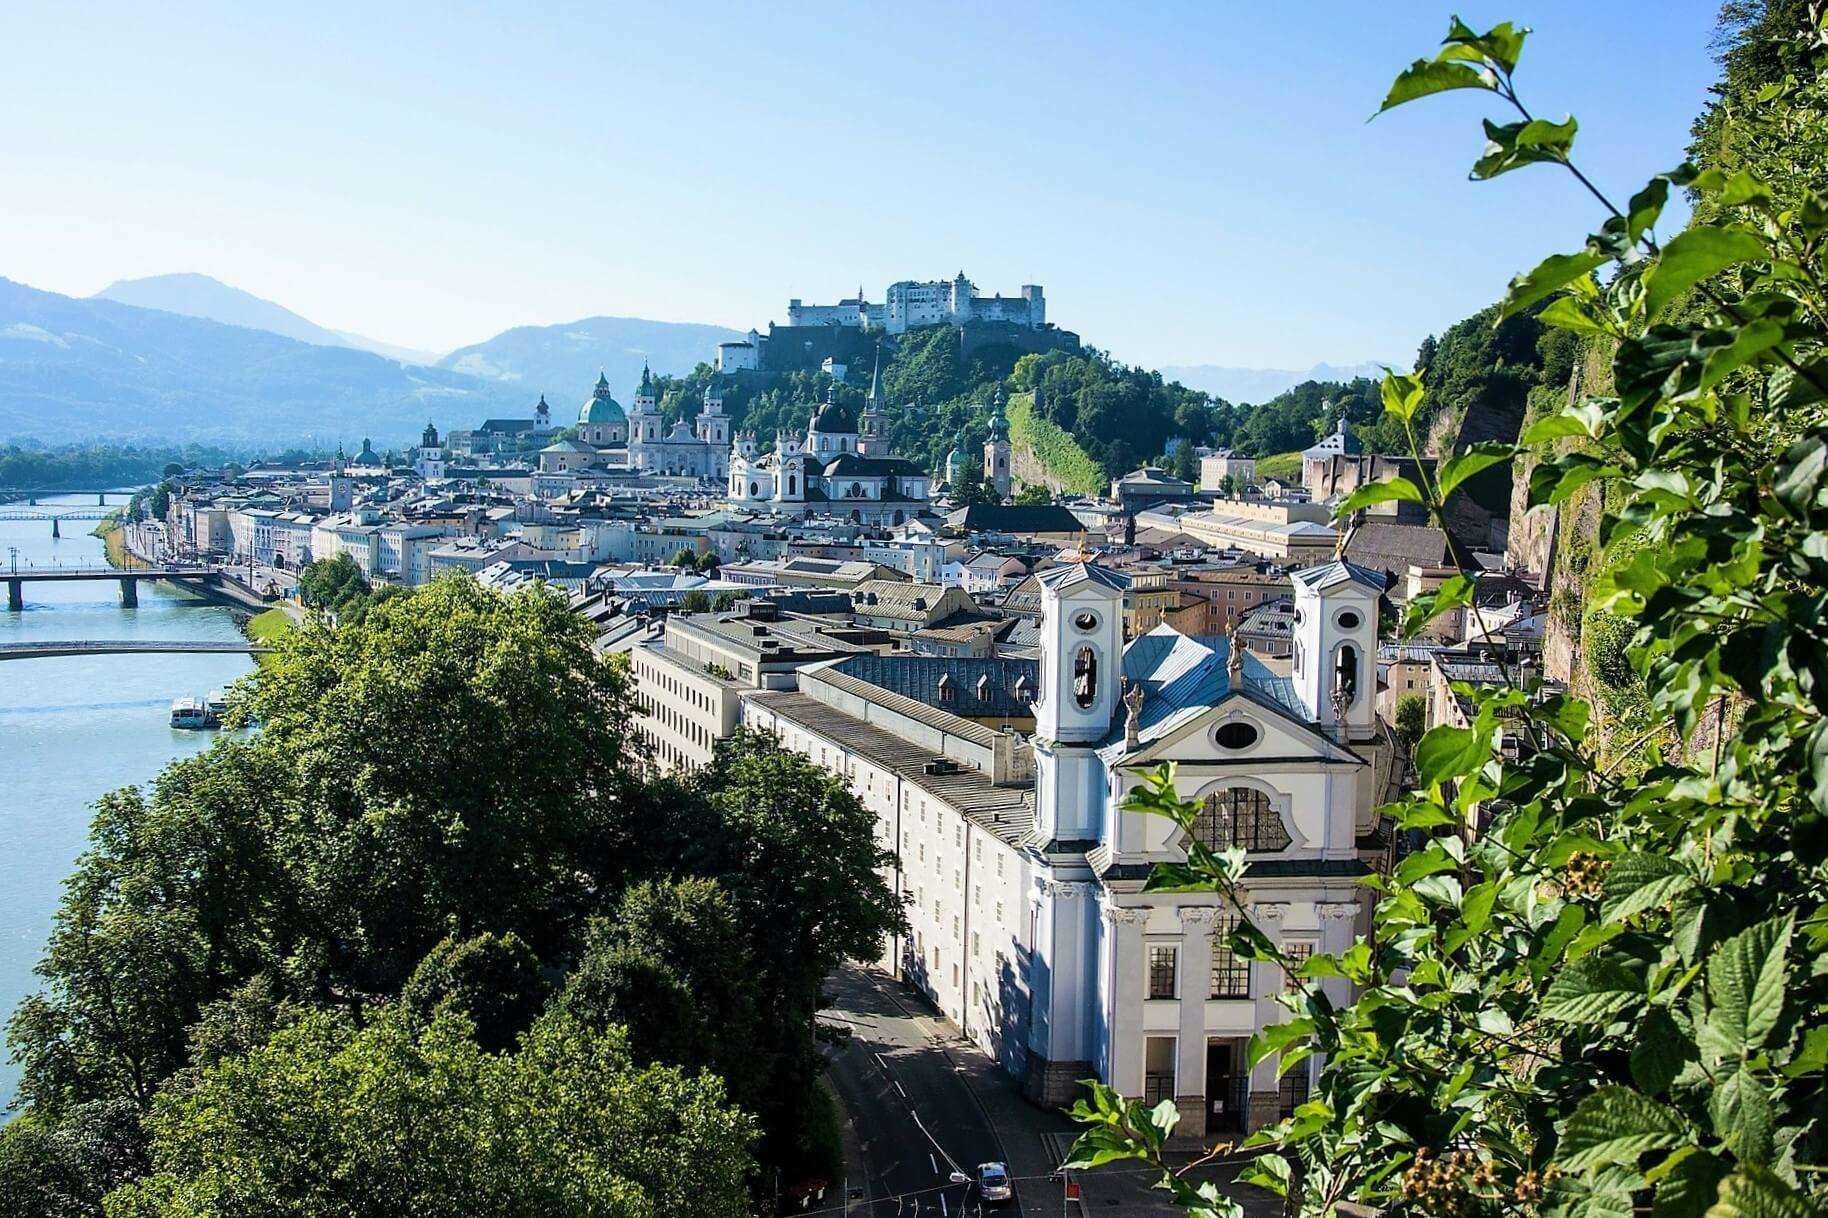 Direktflüge und Billigflüge nach Salzburg